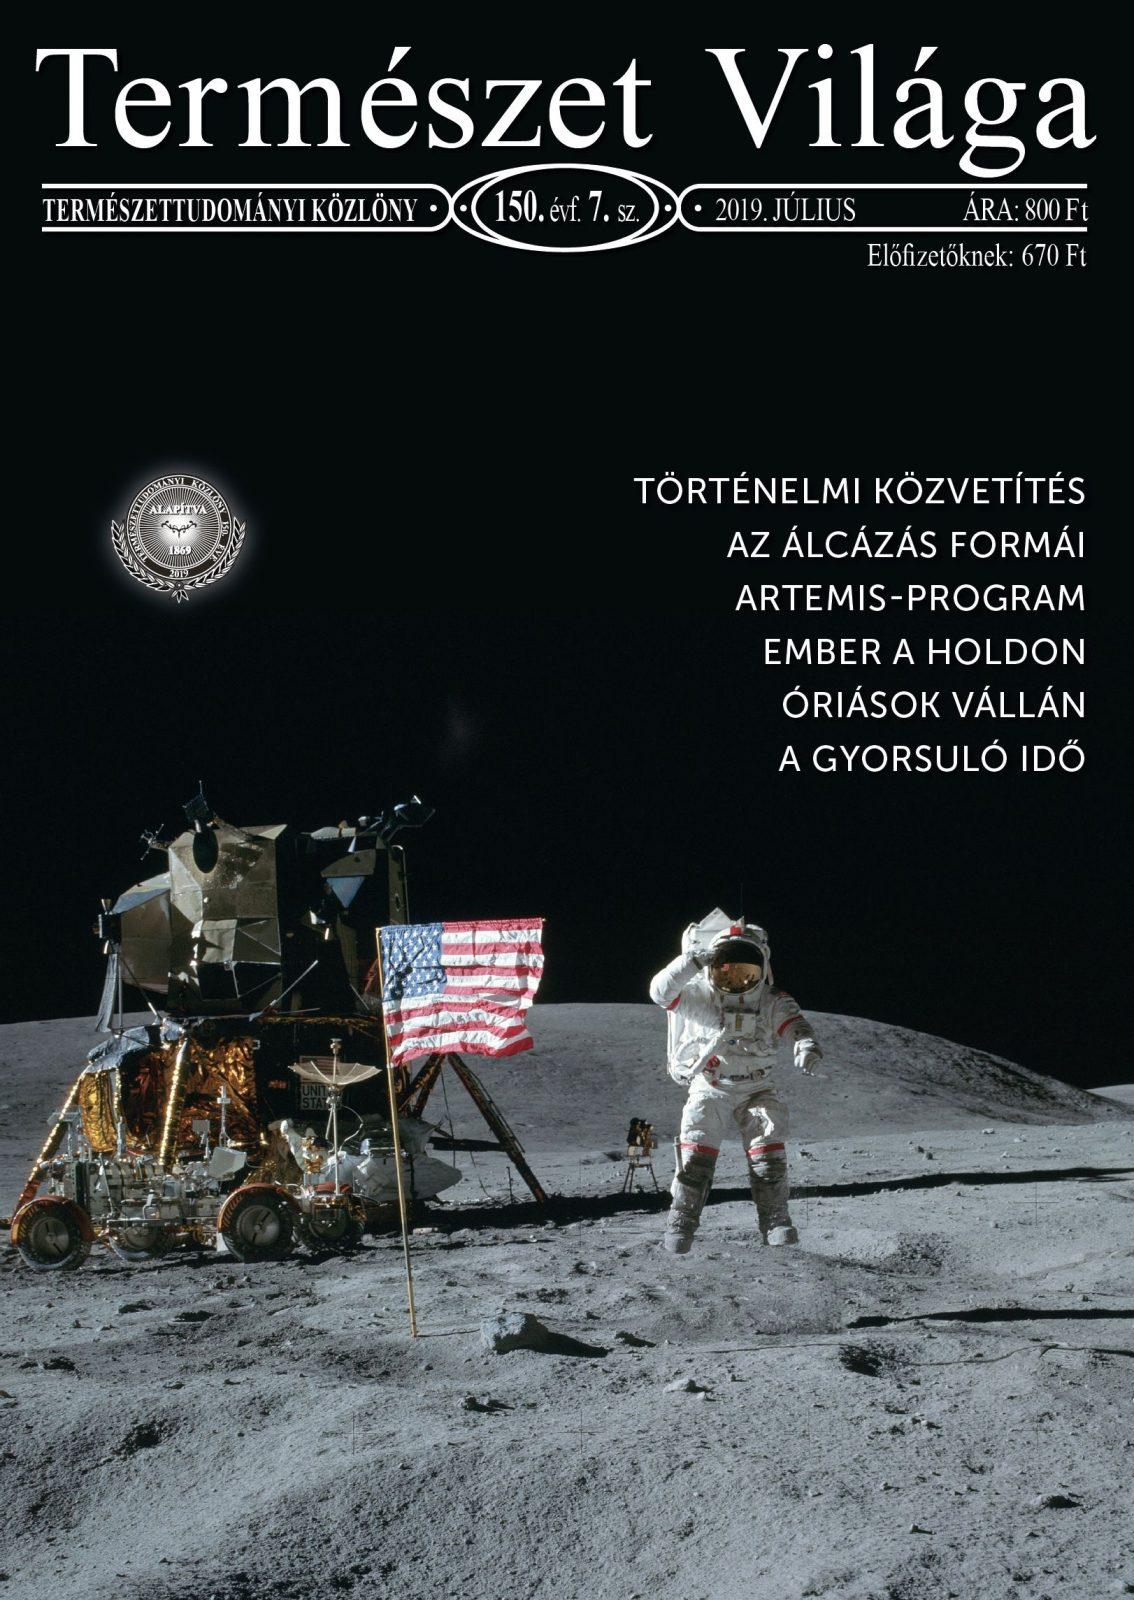 Természet Világa címlap